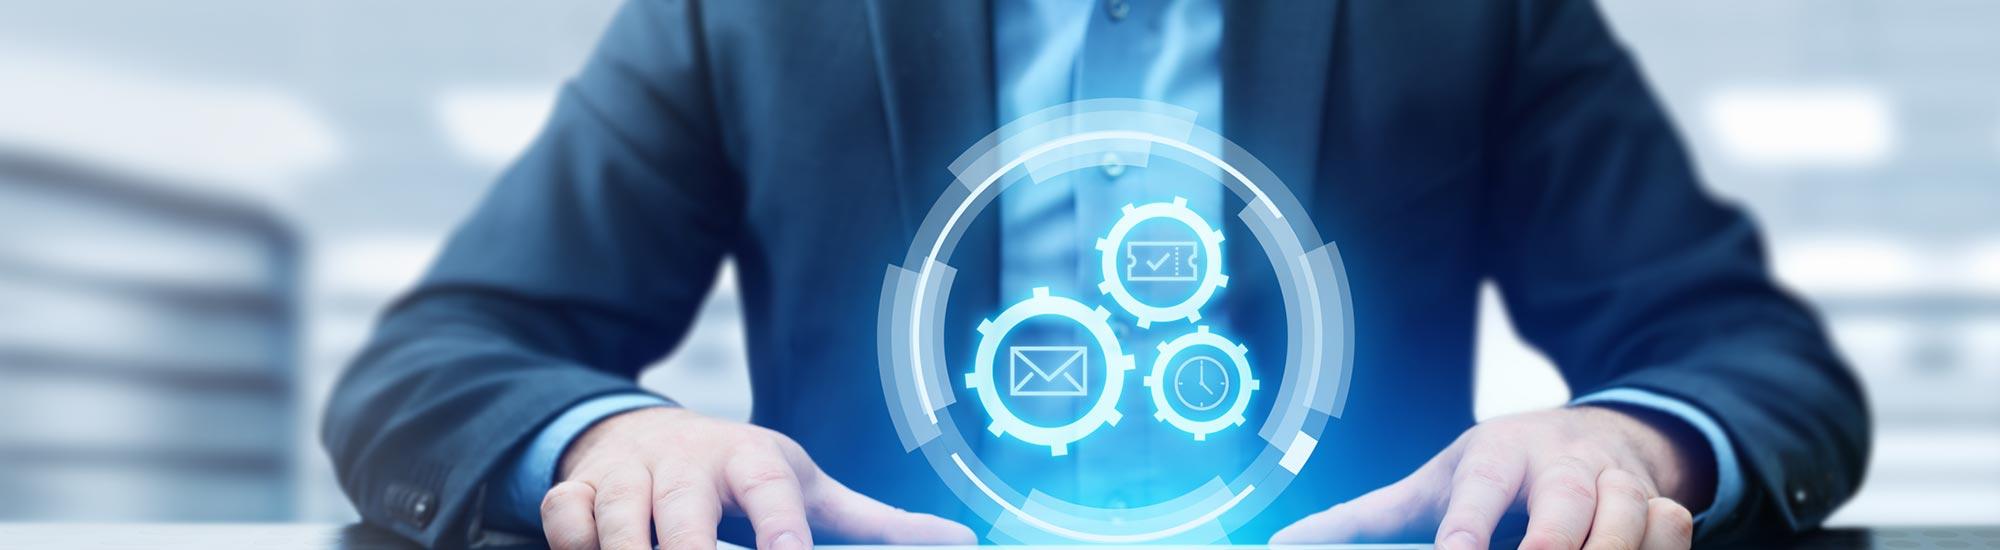 E-mail to Ticket | advasco GmbH